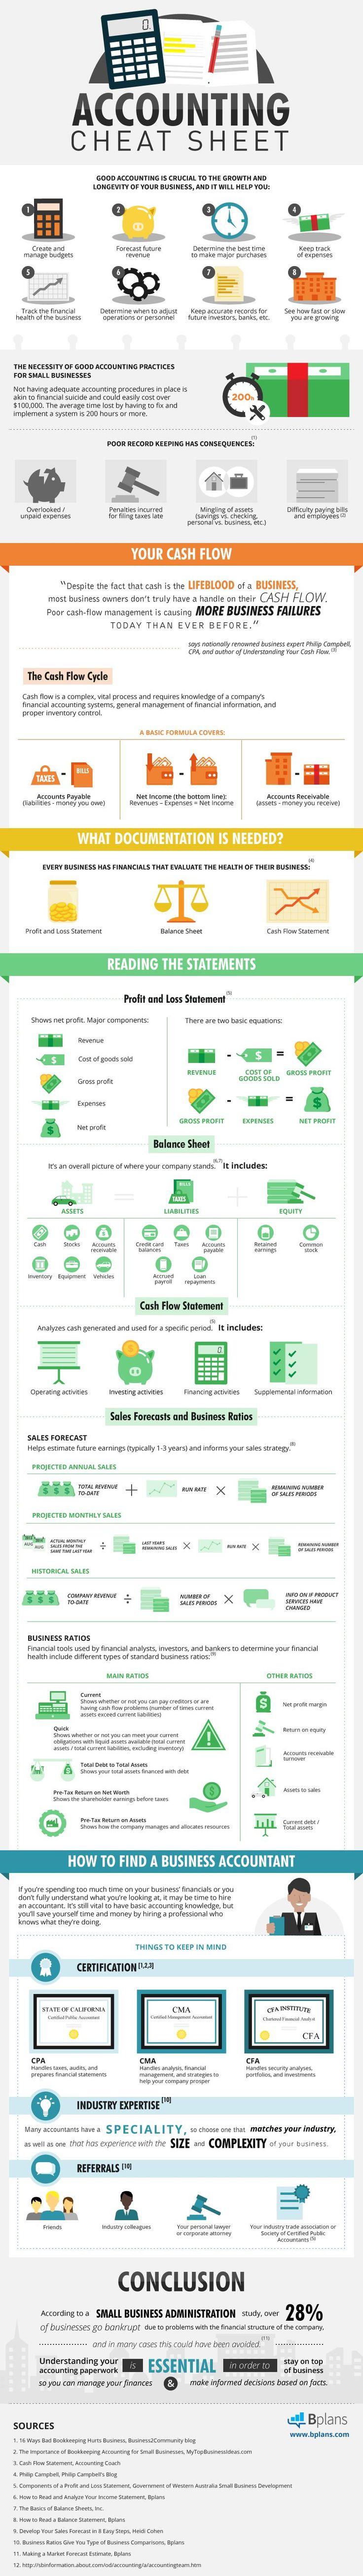 business analysis cheat sheet pdf